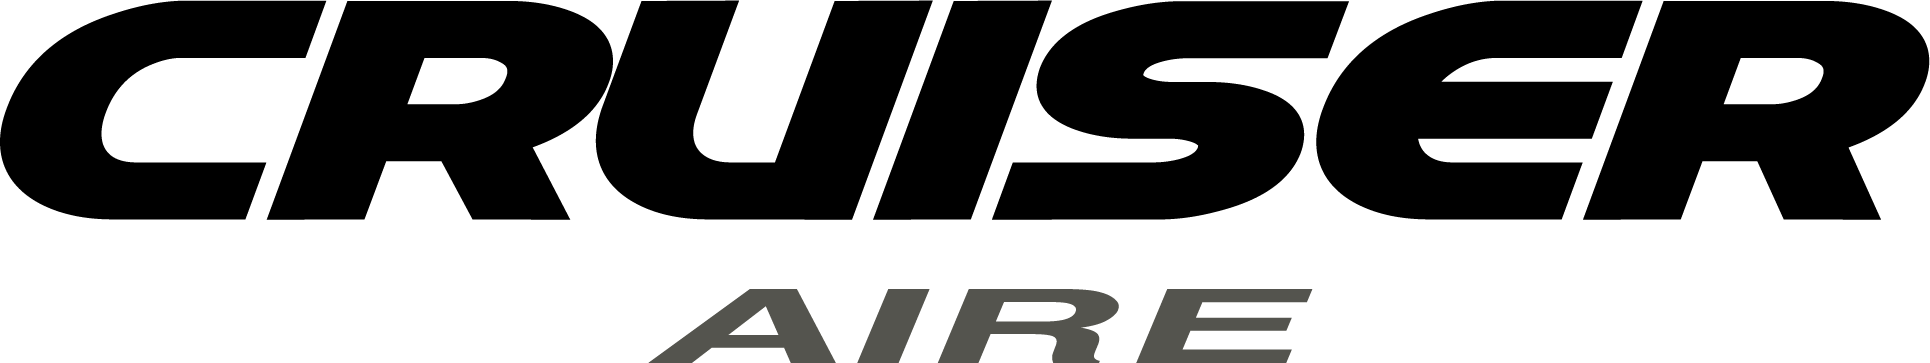 Cruiser Aire 5th Wheel Fifth Wheel Logo